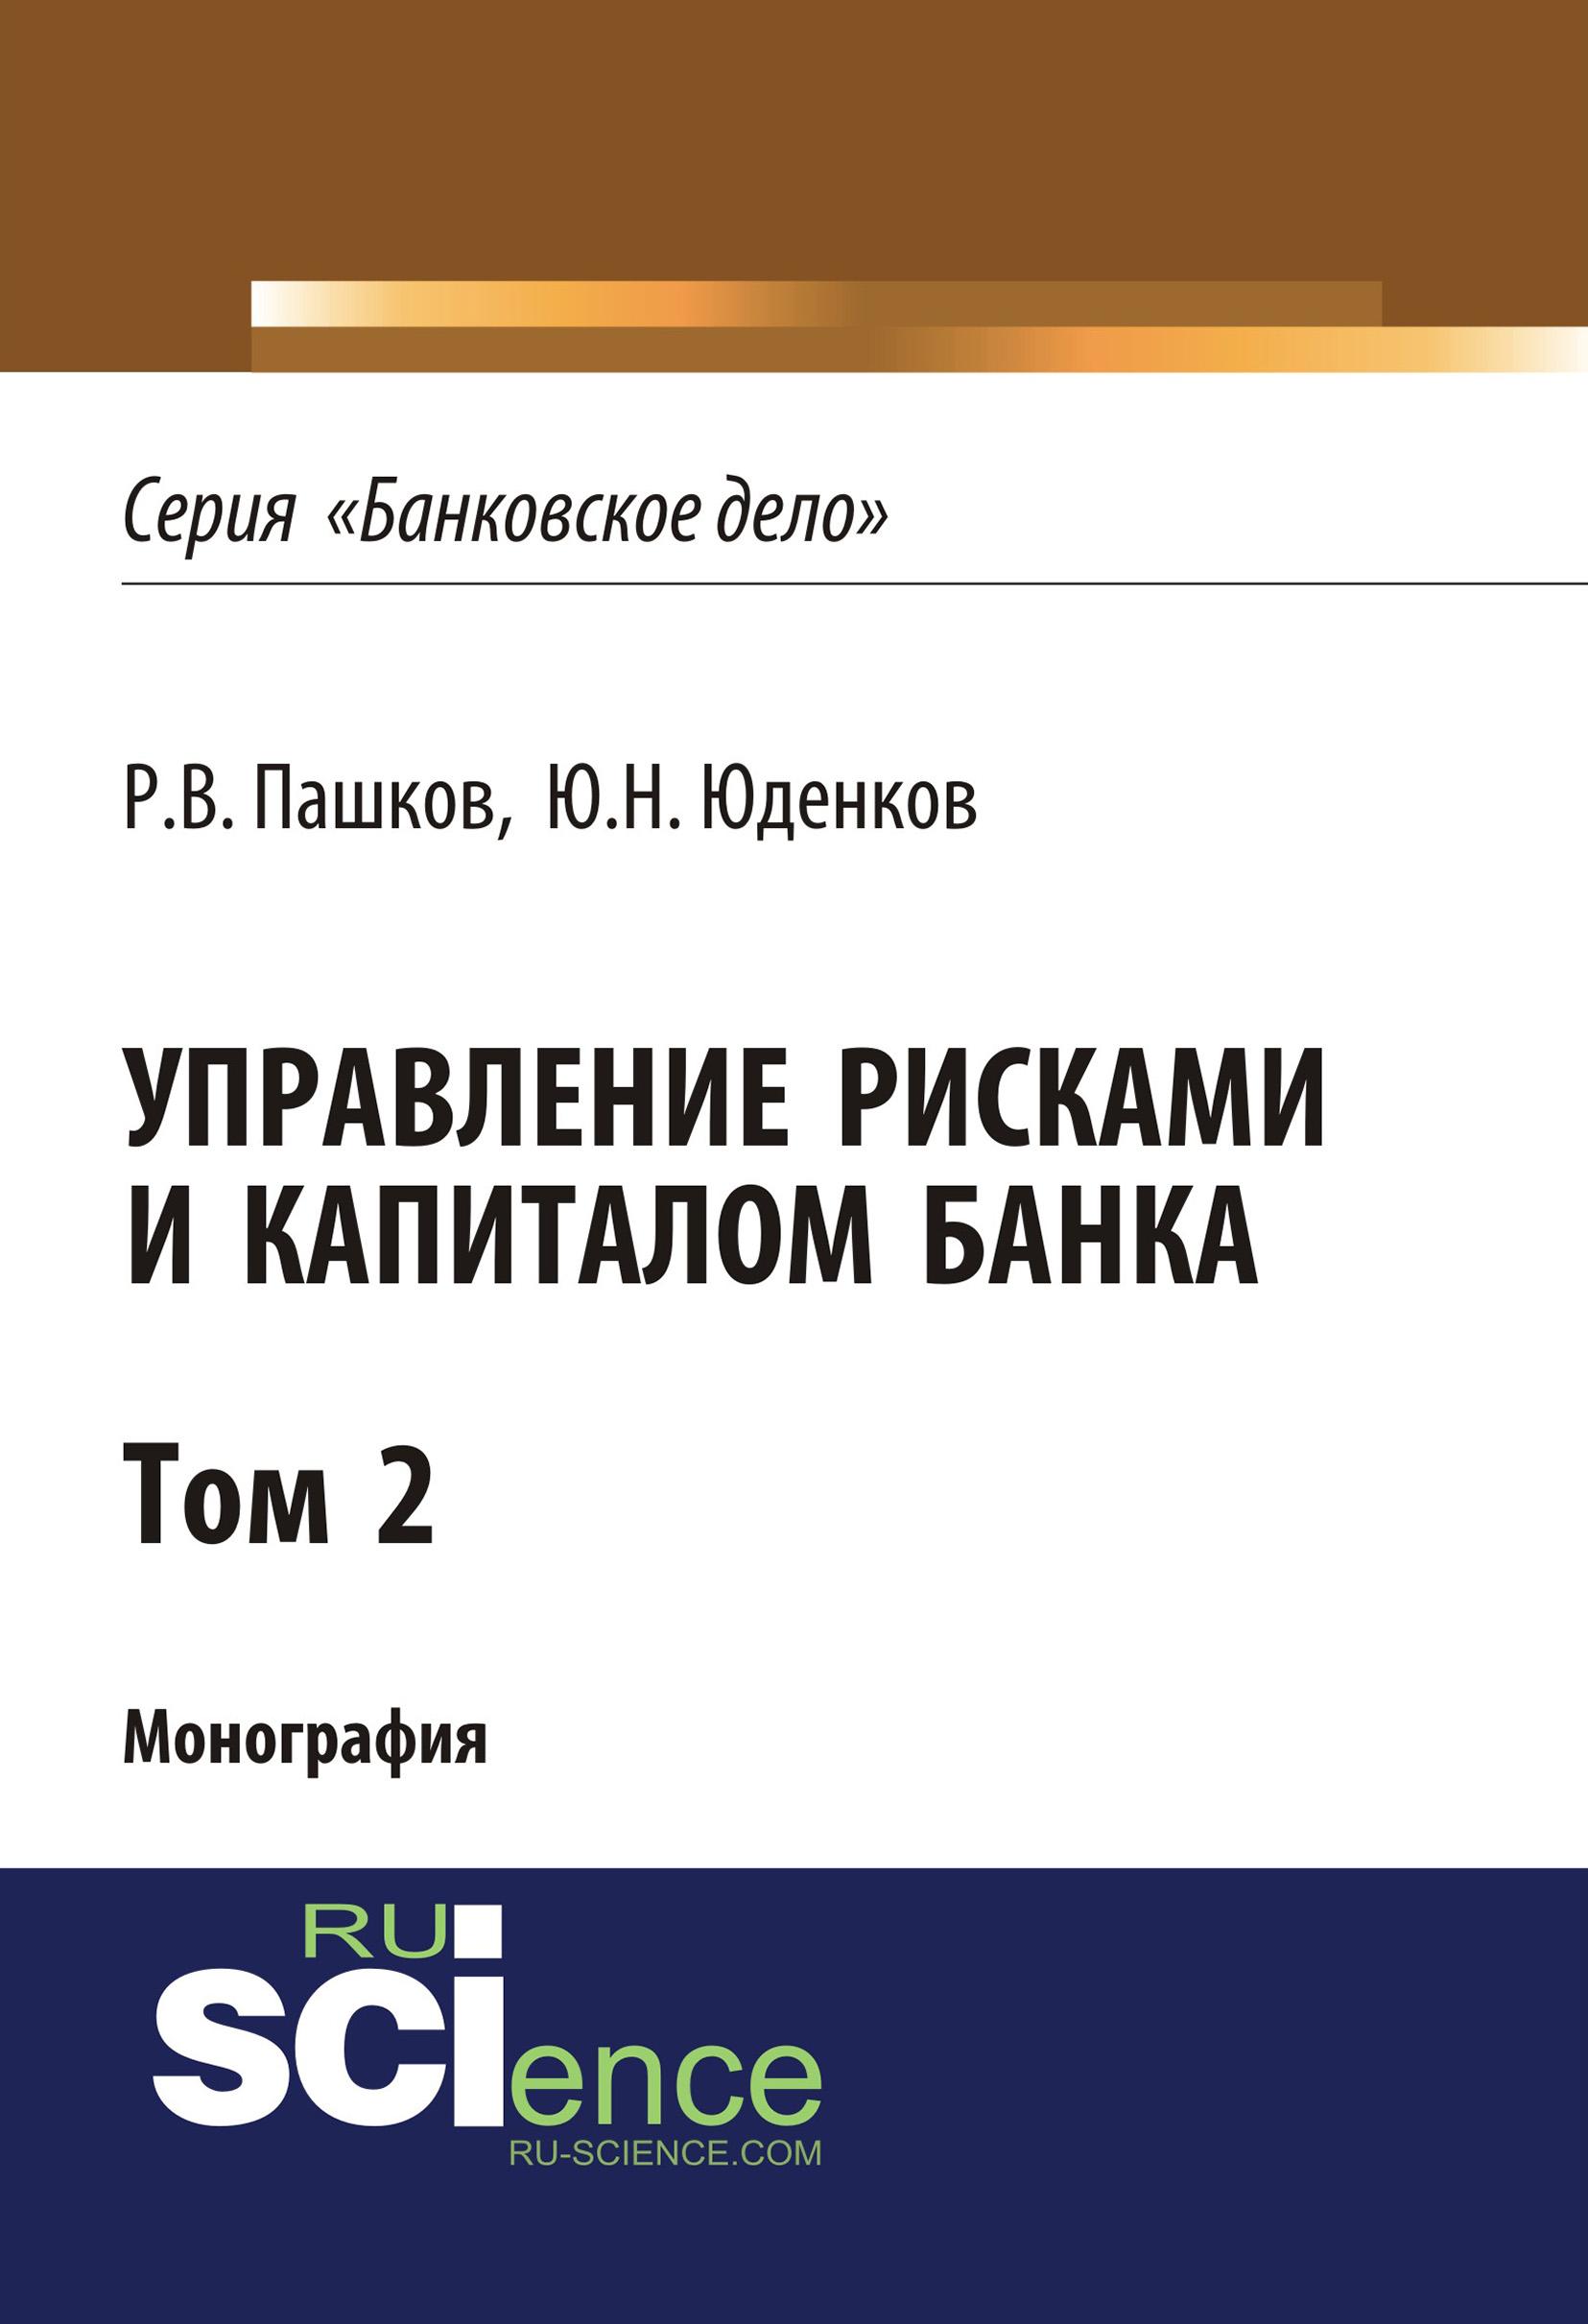 купить Ю. Н. Юденков Управление рисками и капиталом банка. Том 2 недорого